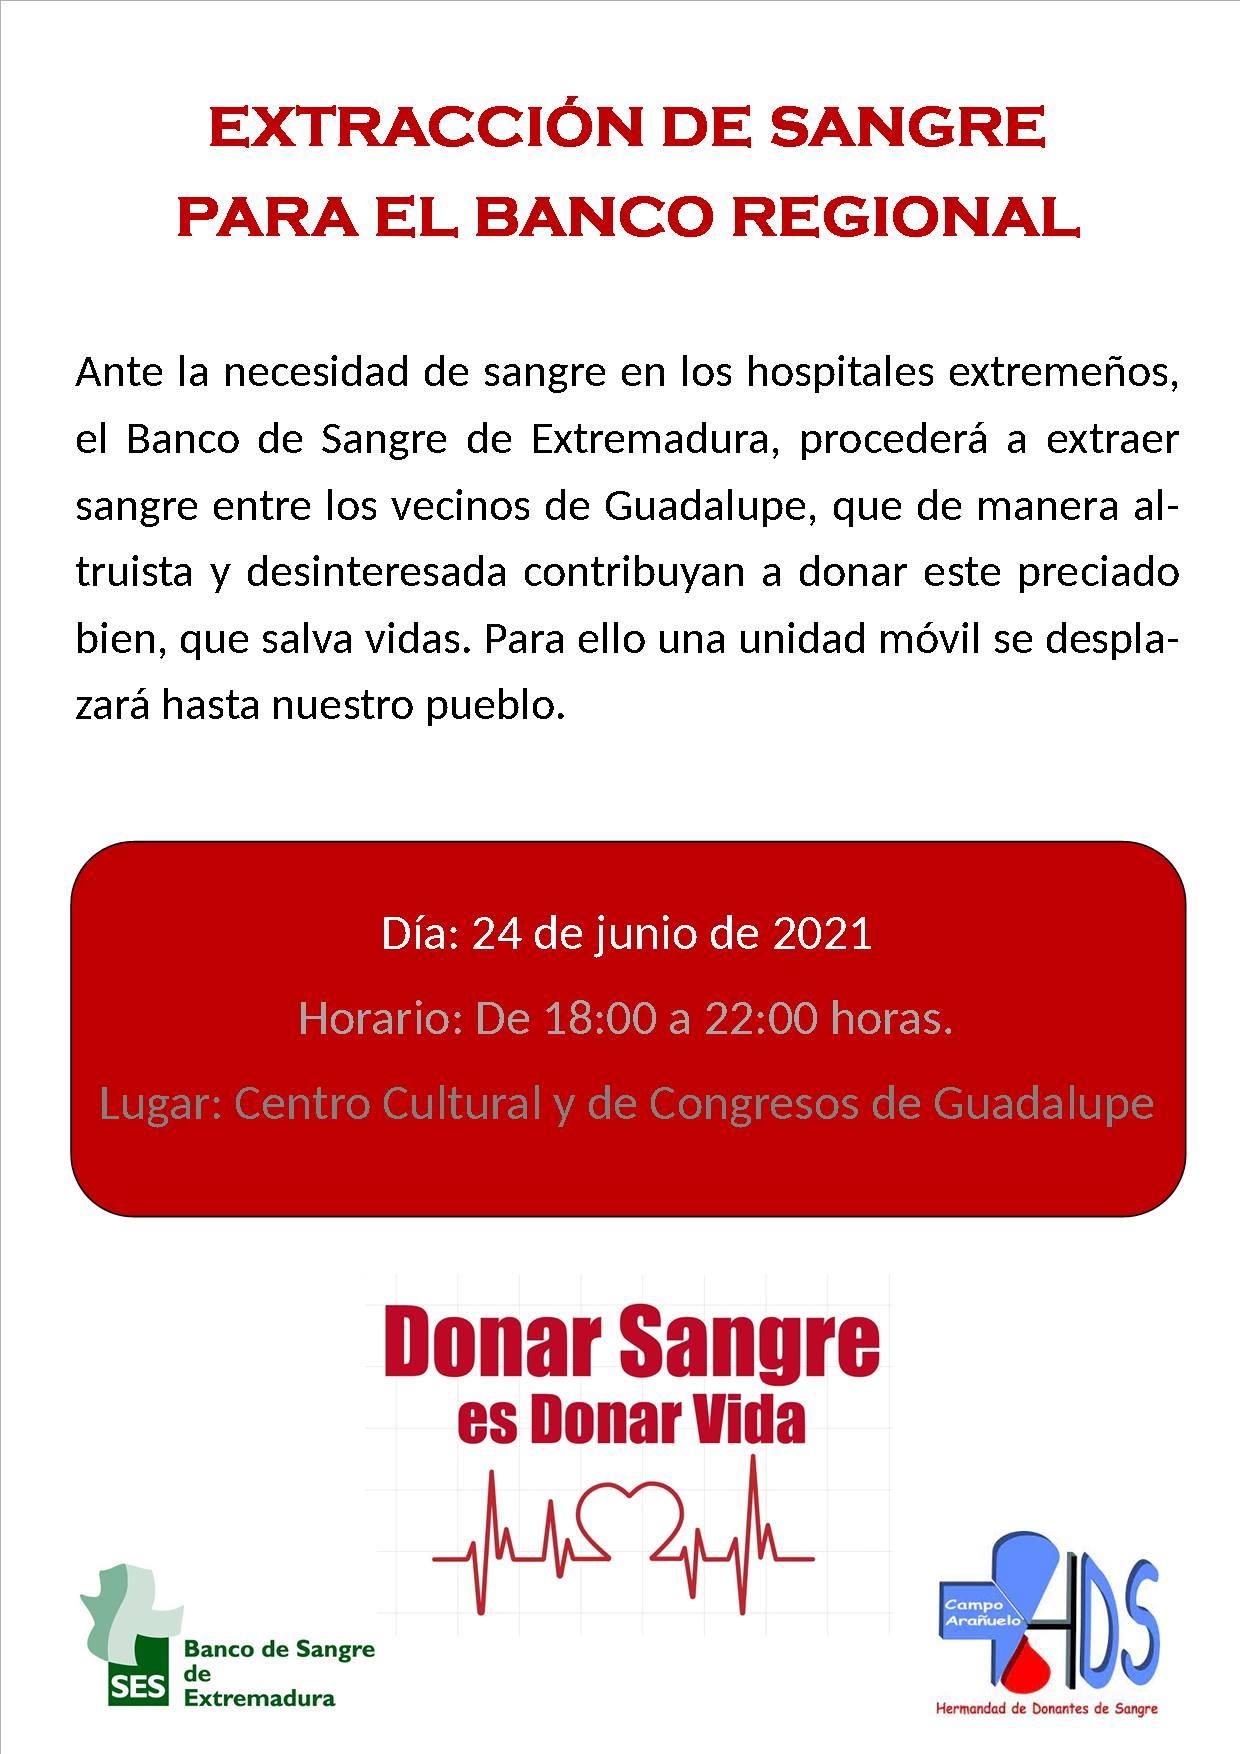 Donación de sangre (junio 2021) - Guadalupe (Cáceres)